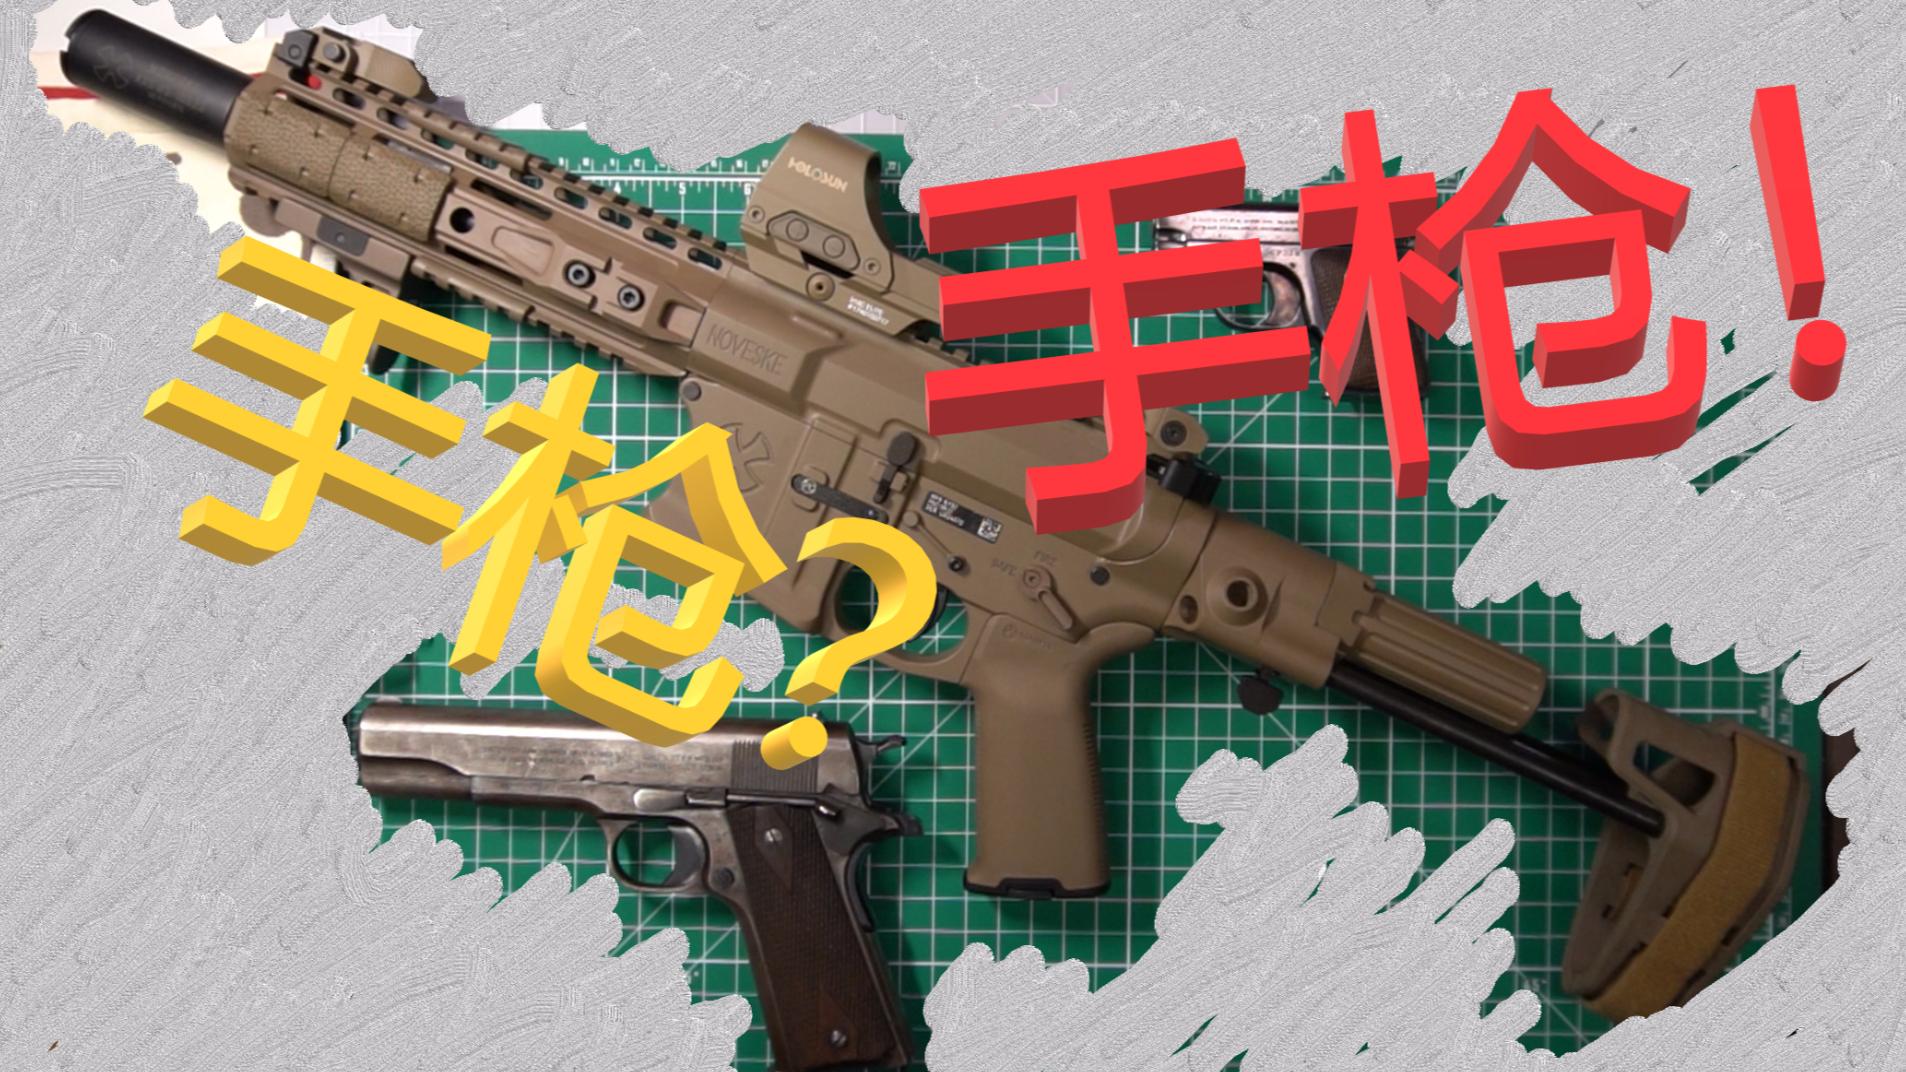 美国枪支法瞎侃-枪支分类-AR Pistol AR手枪 SBR SBS 奇怪的知识又增加了